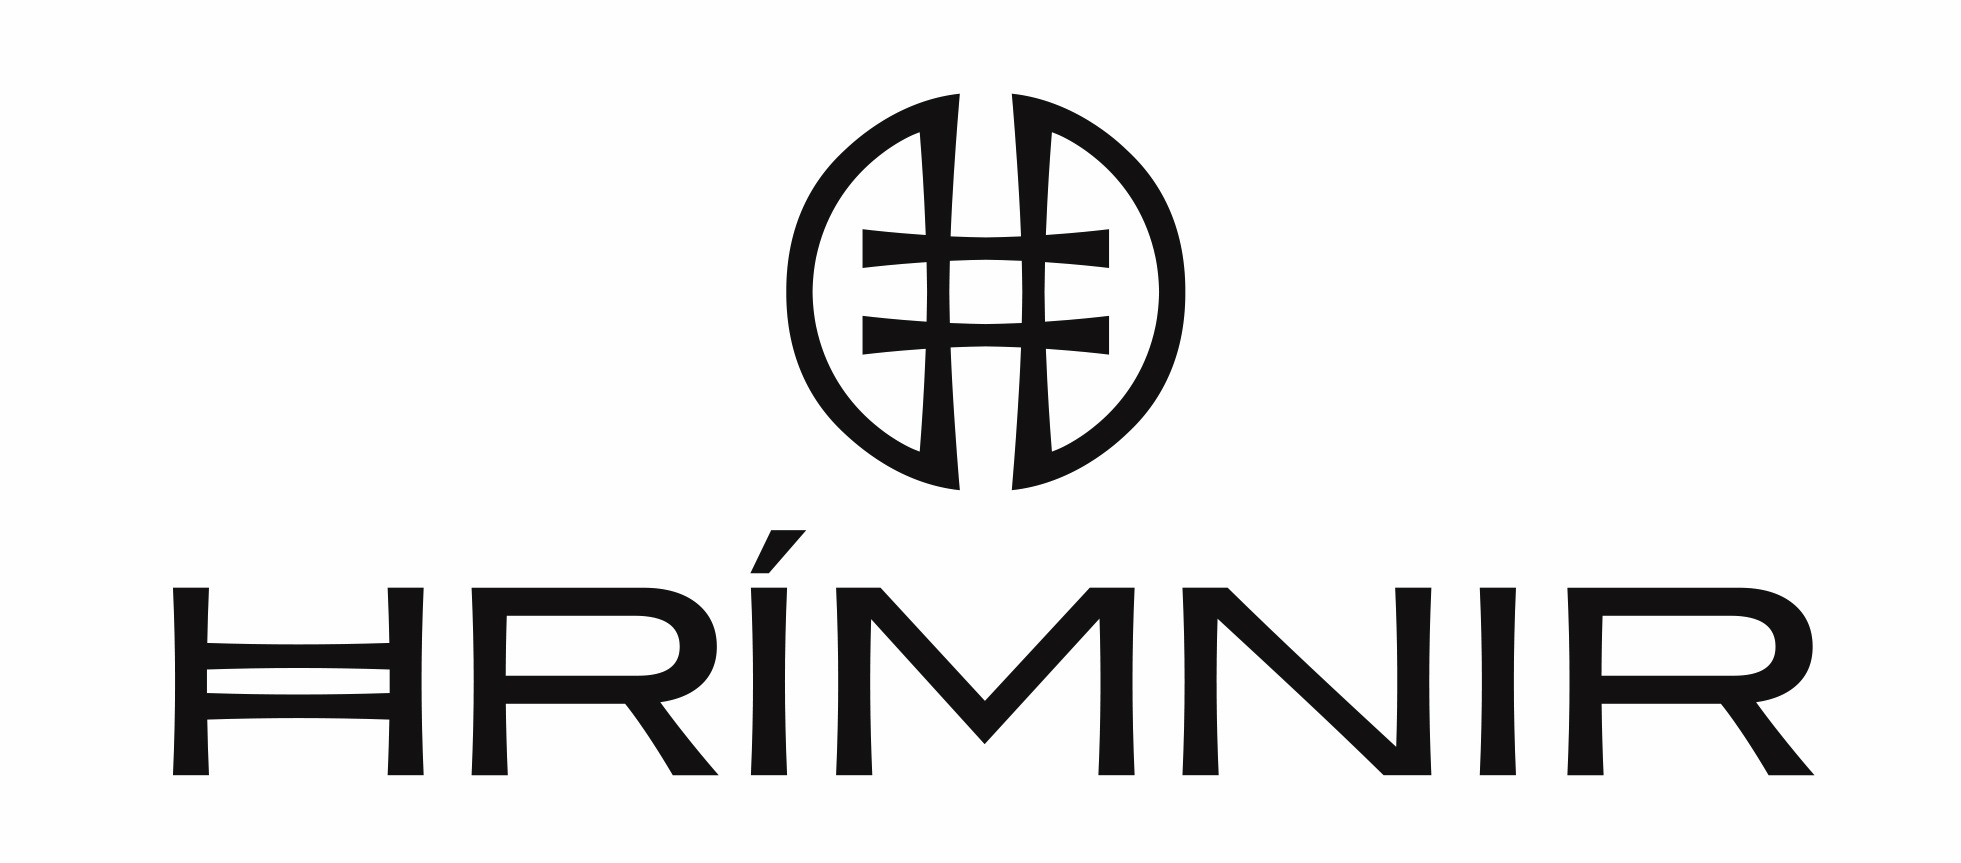 HRIMNIR_new_hrimnir-logo-vertical